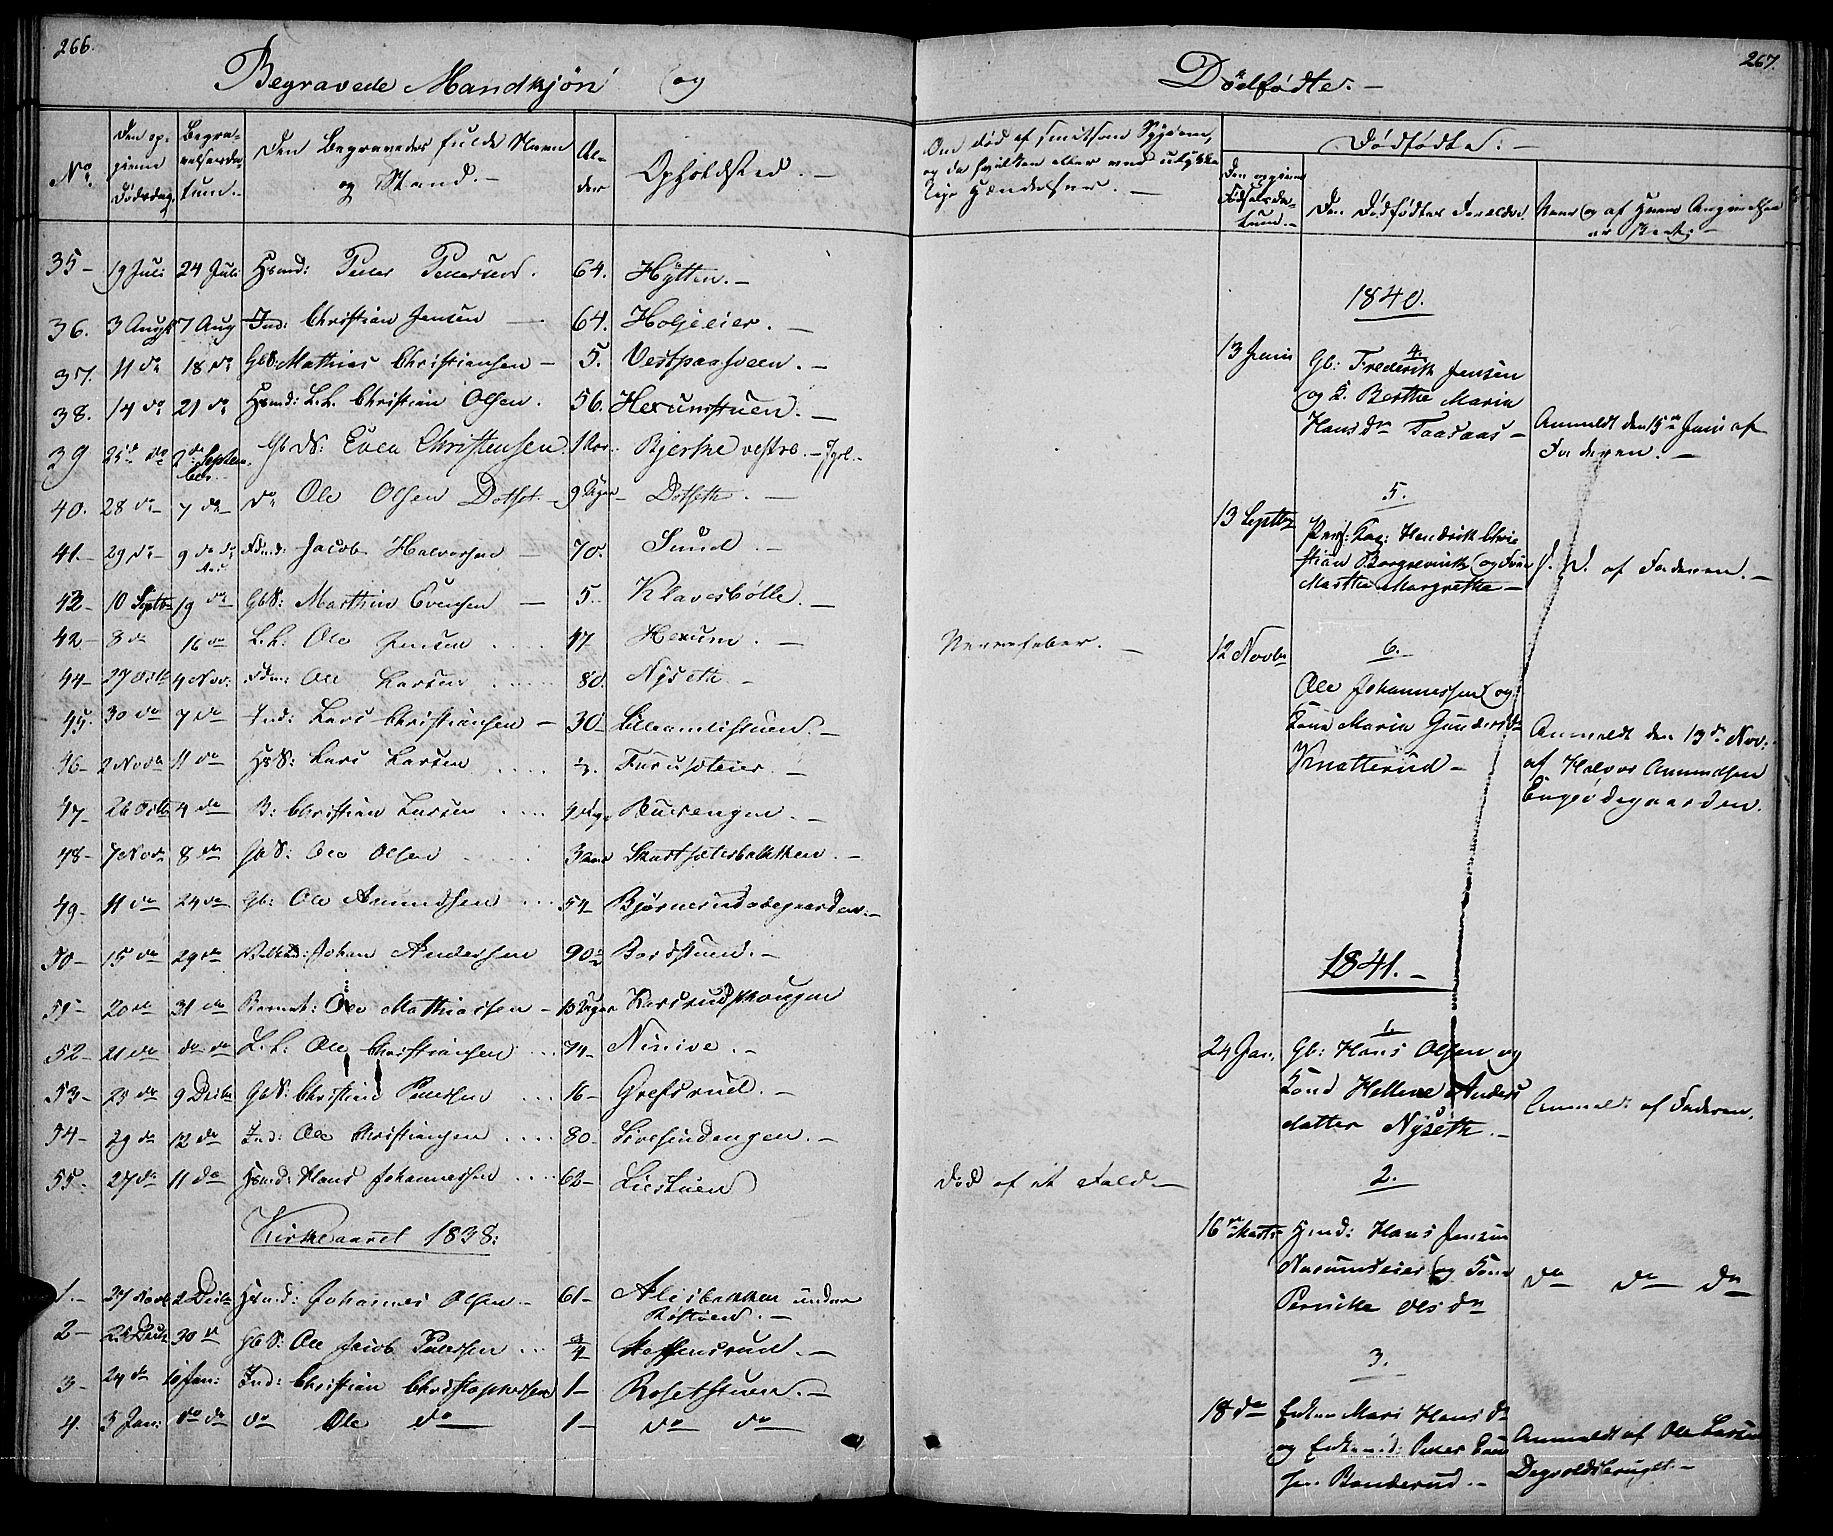 SAH, Vestre Toten prestekontor, H/Ha/Hab/L0002: Klokkerbok nr. 2, 1836-1848, s. 266-267